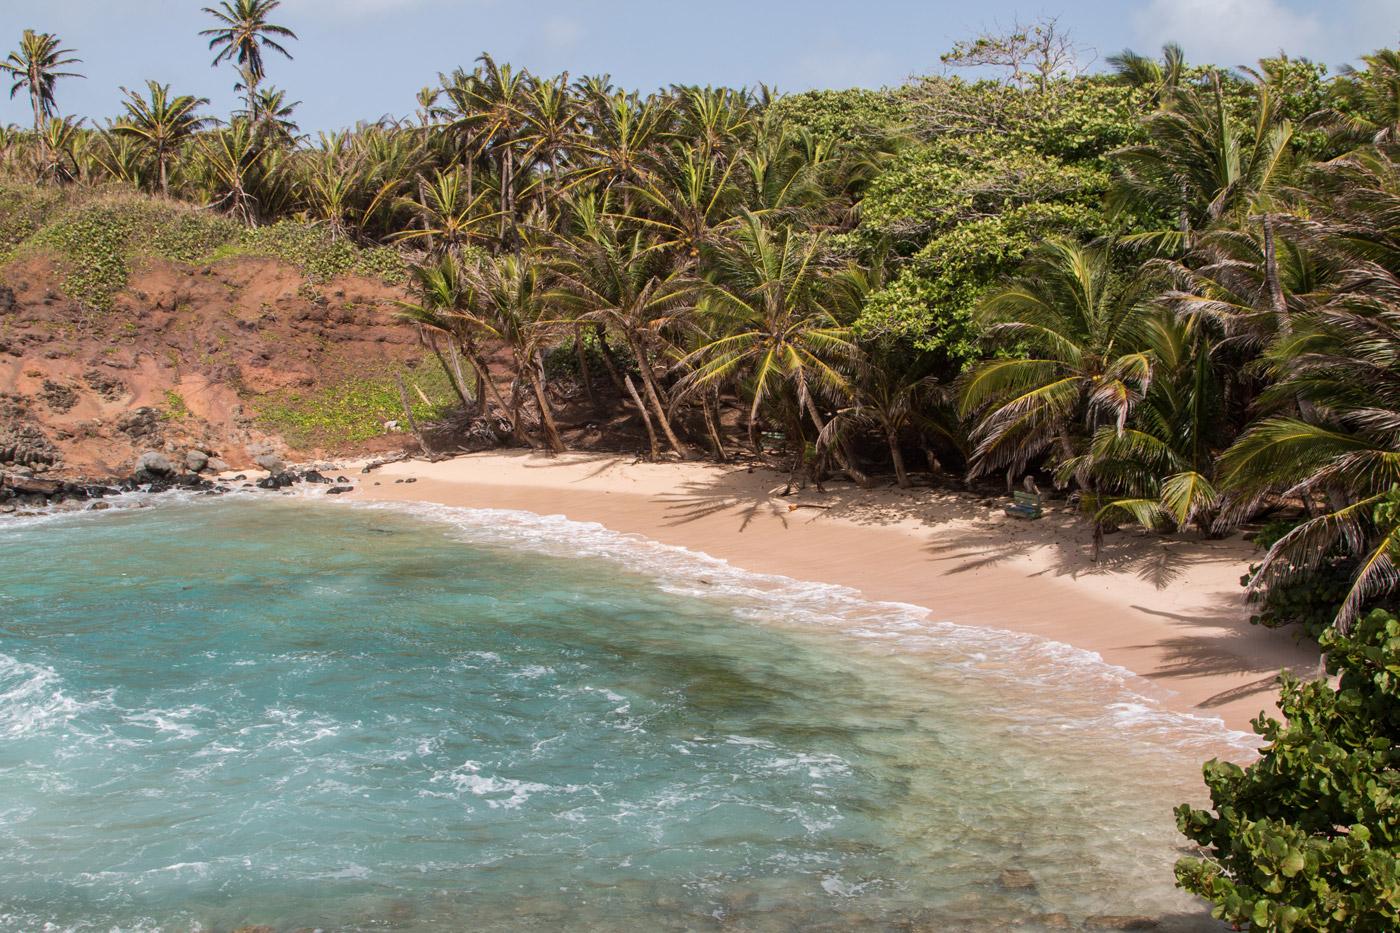 Our own private beach